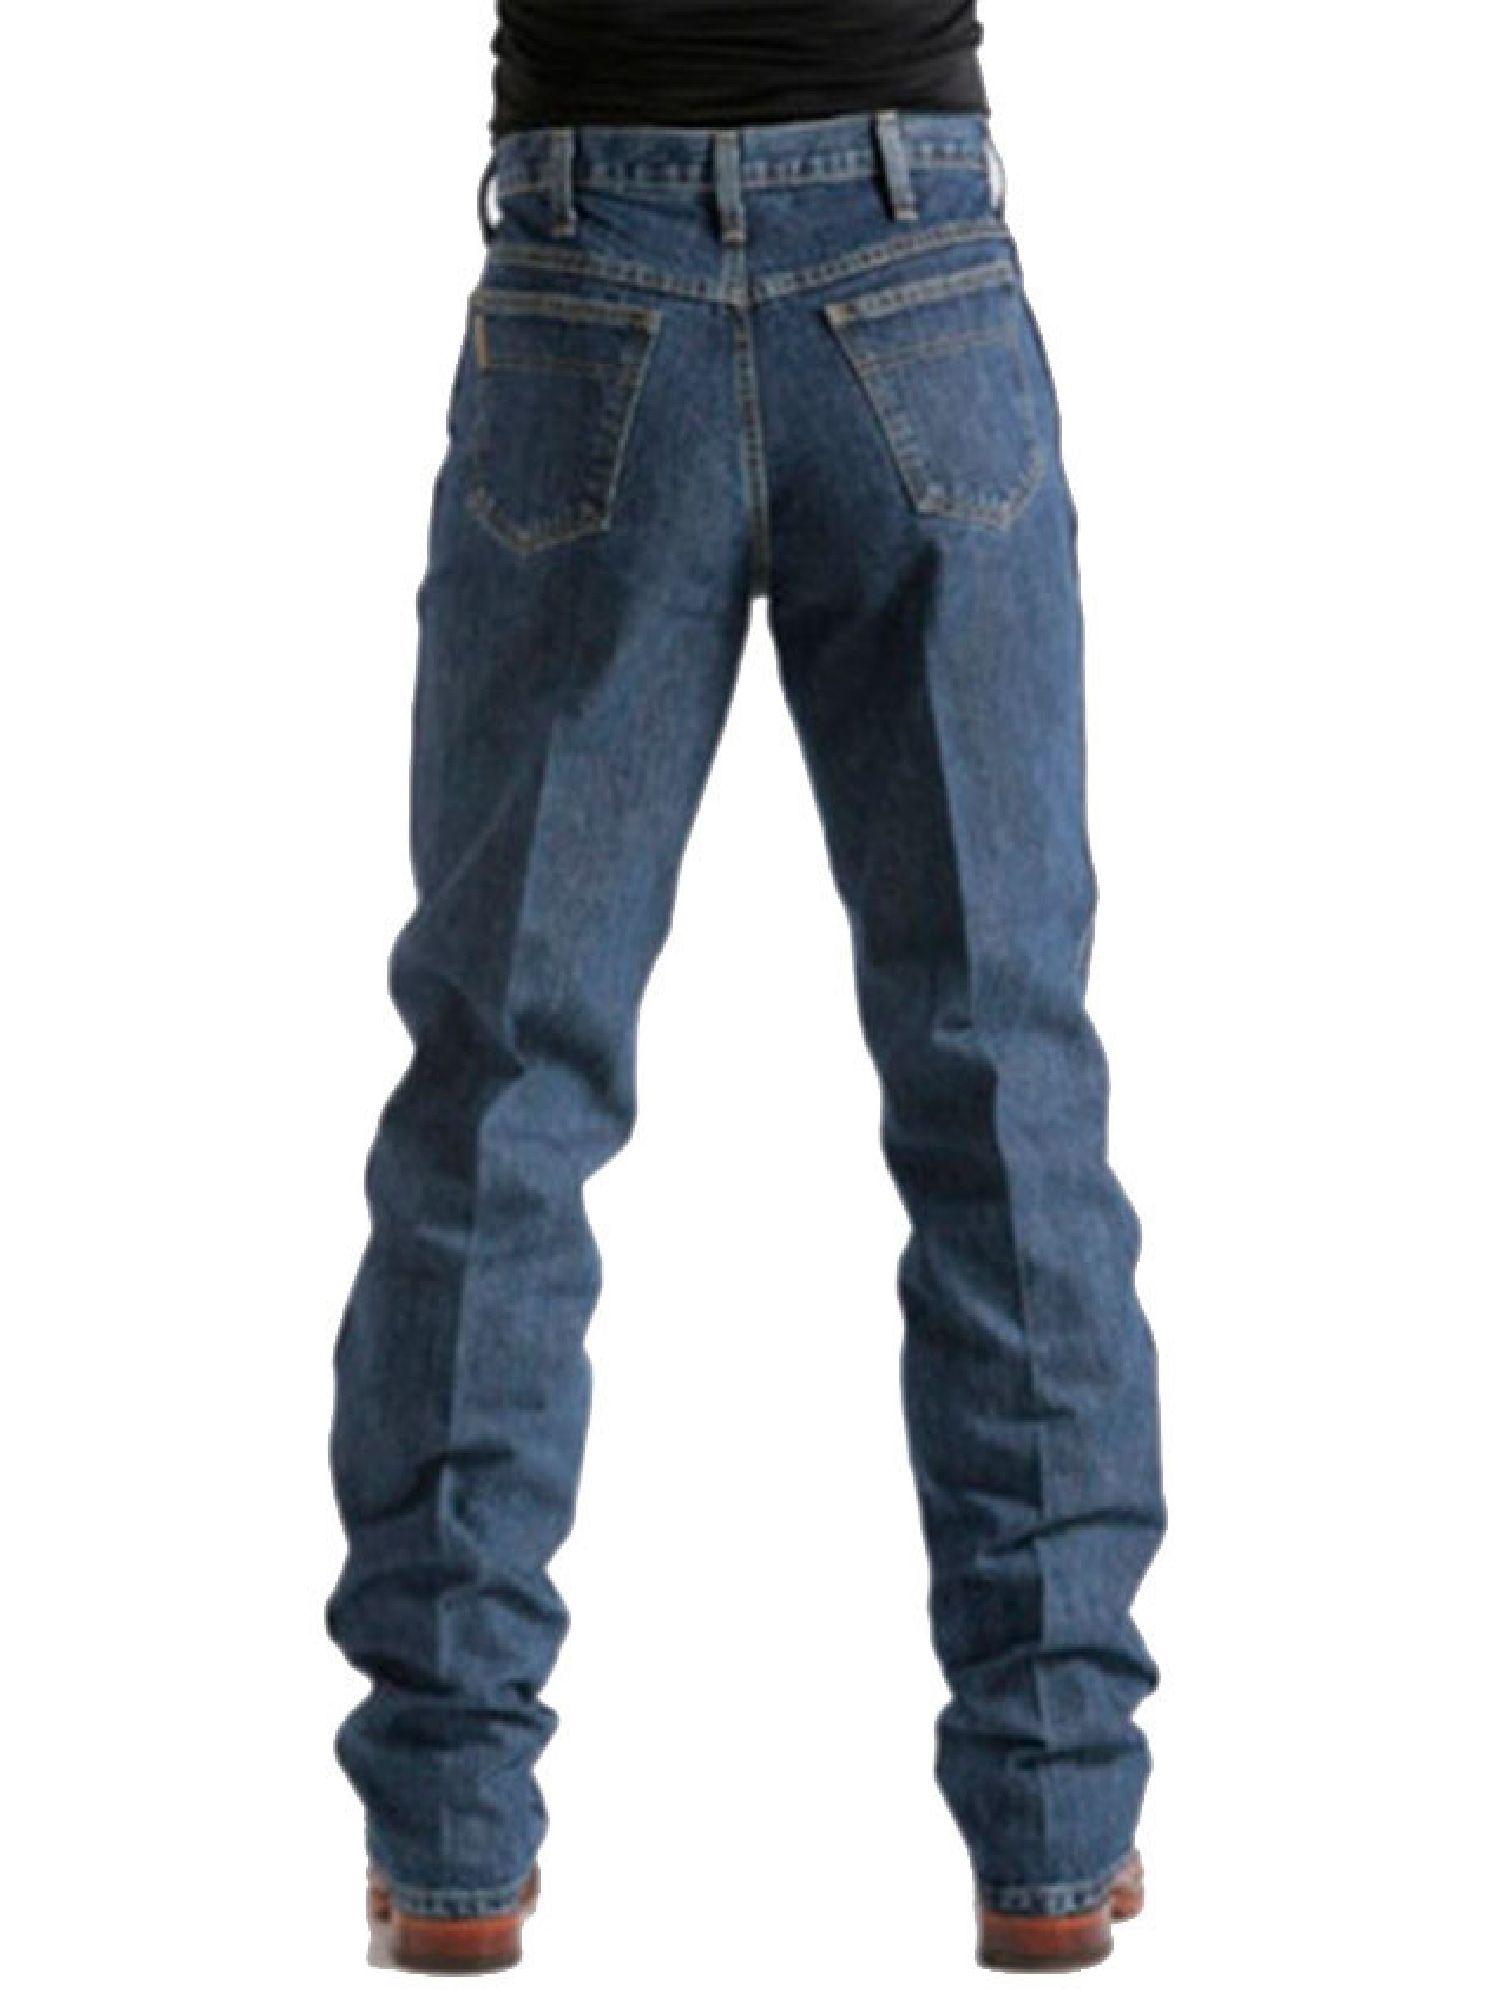 Calça Jeans Cinch Green Label Dark Original Fit